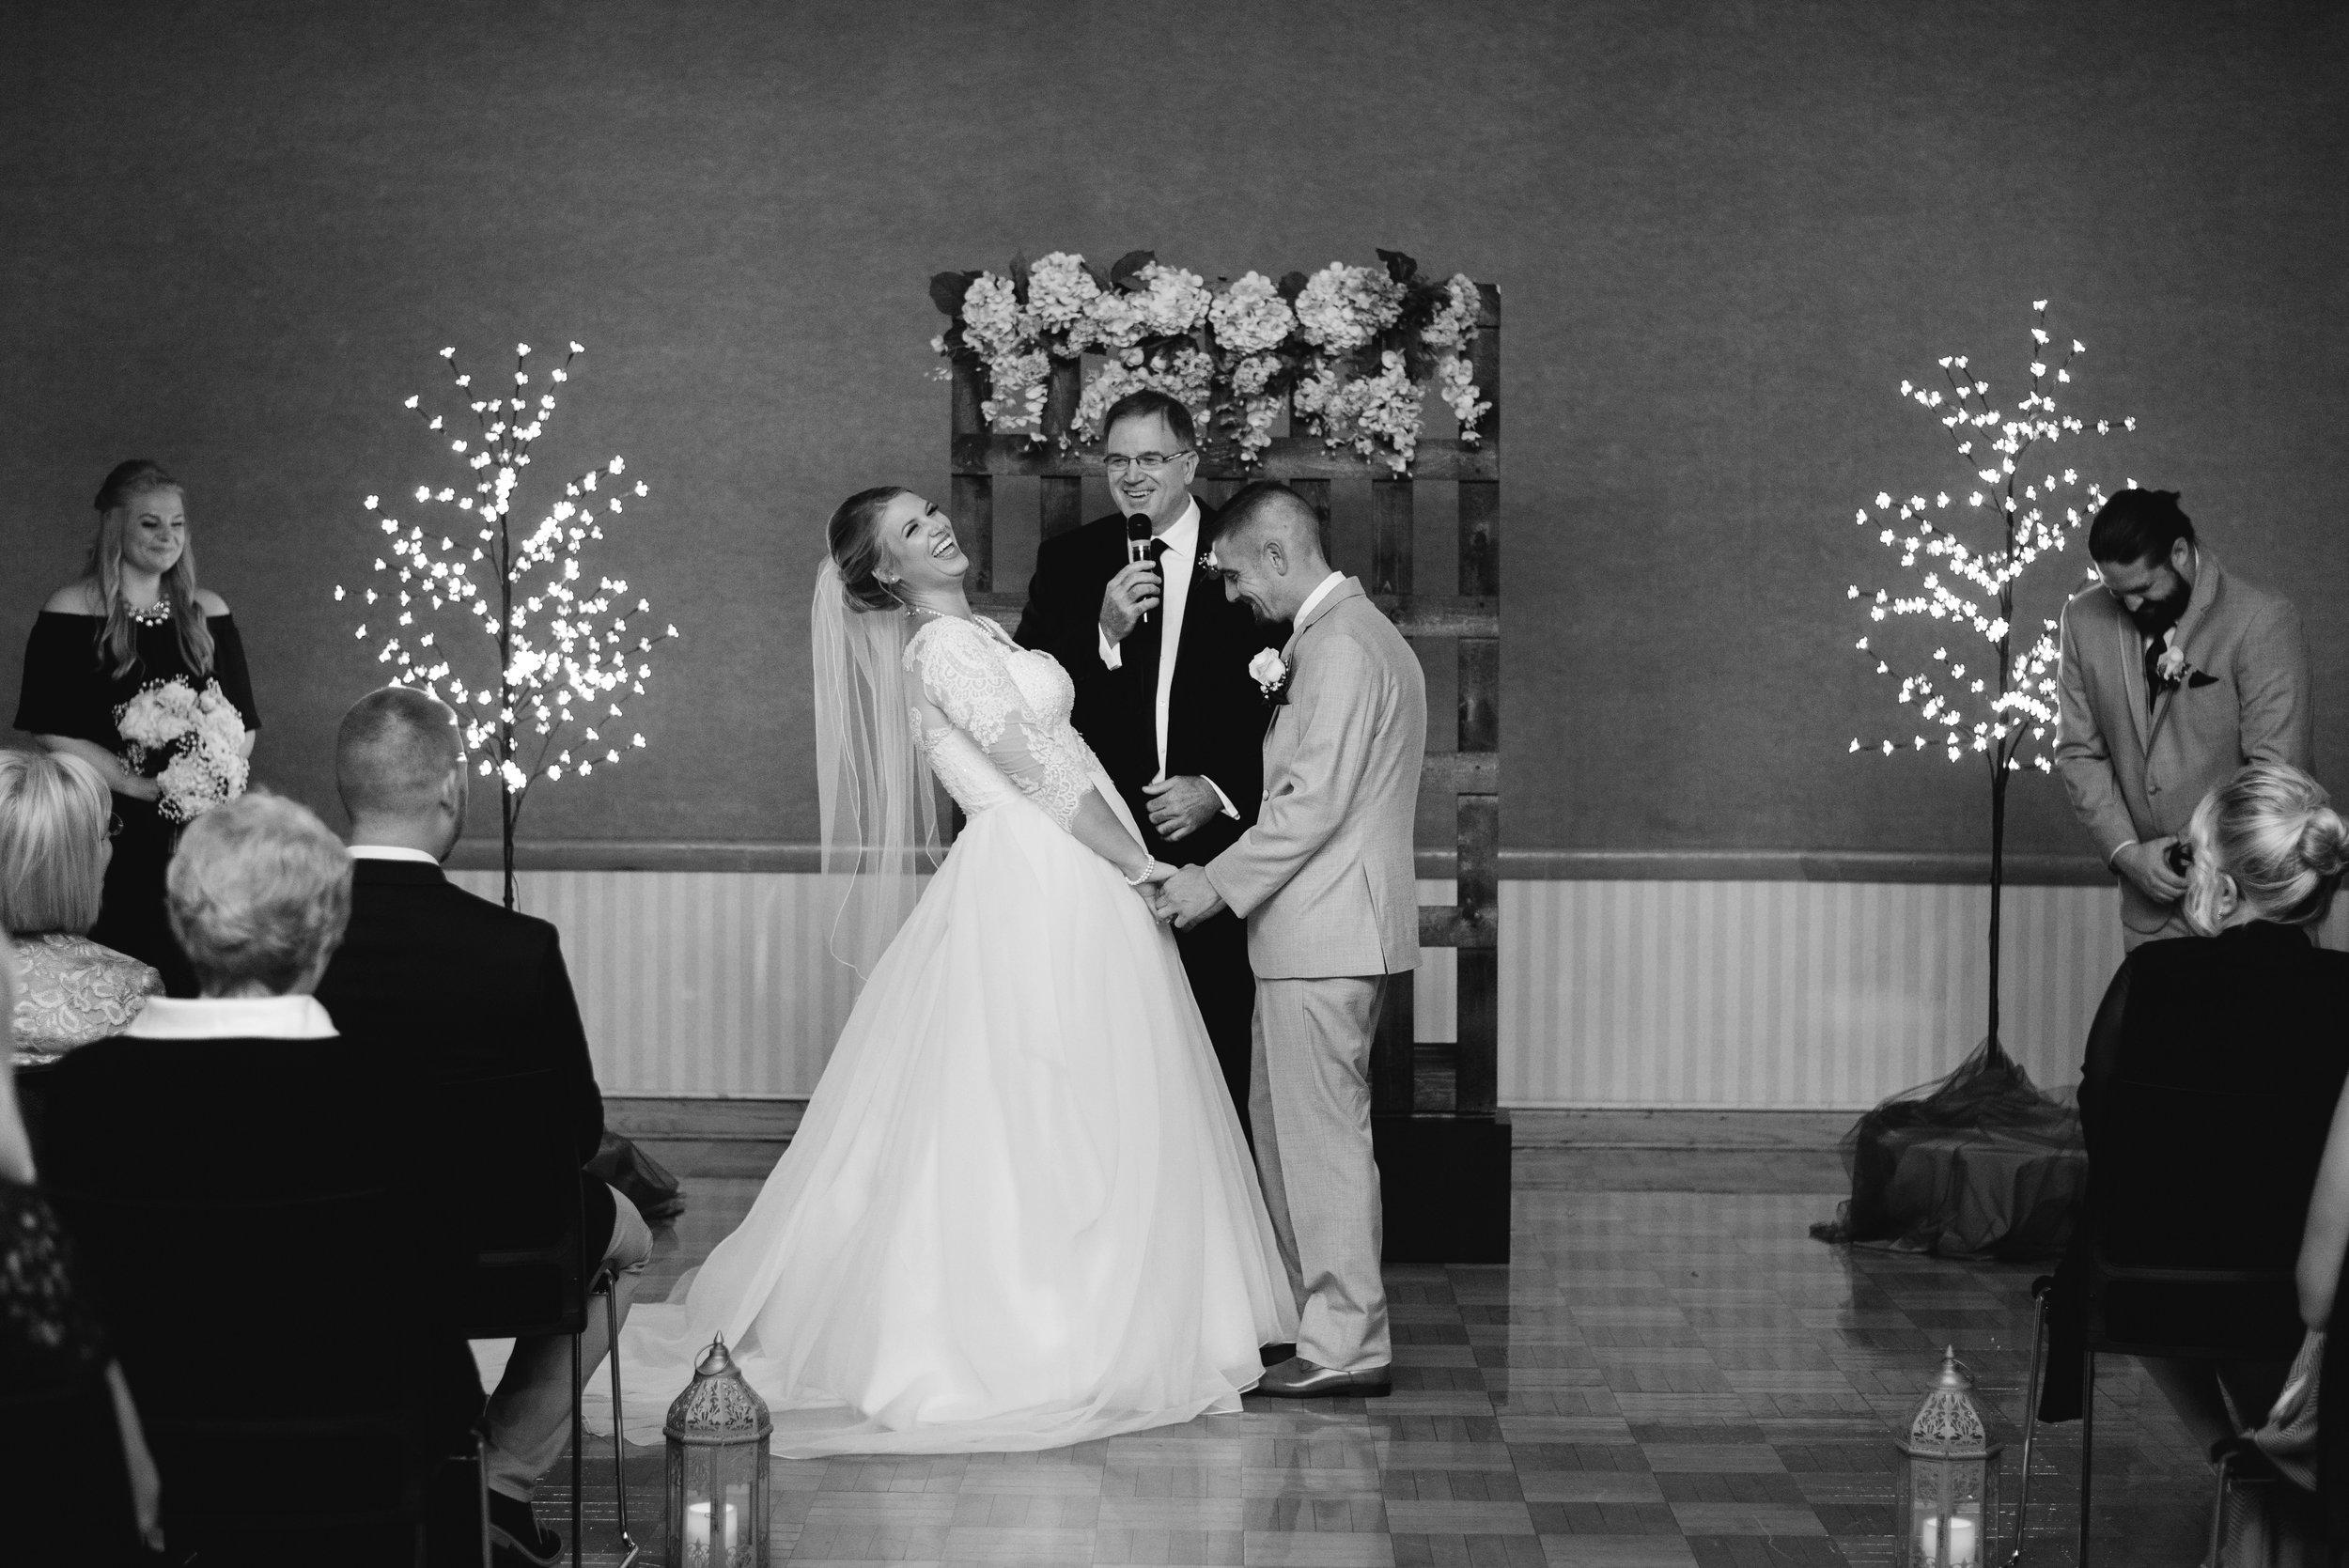 King-Northern-Illinois-University-Wedding070.jpg